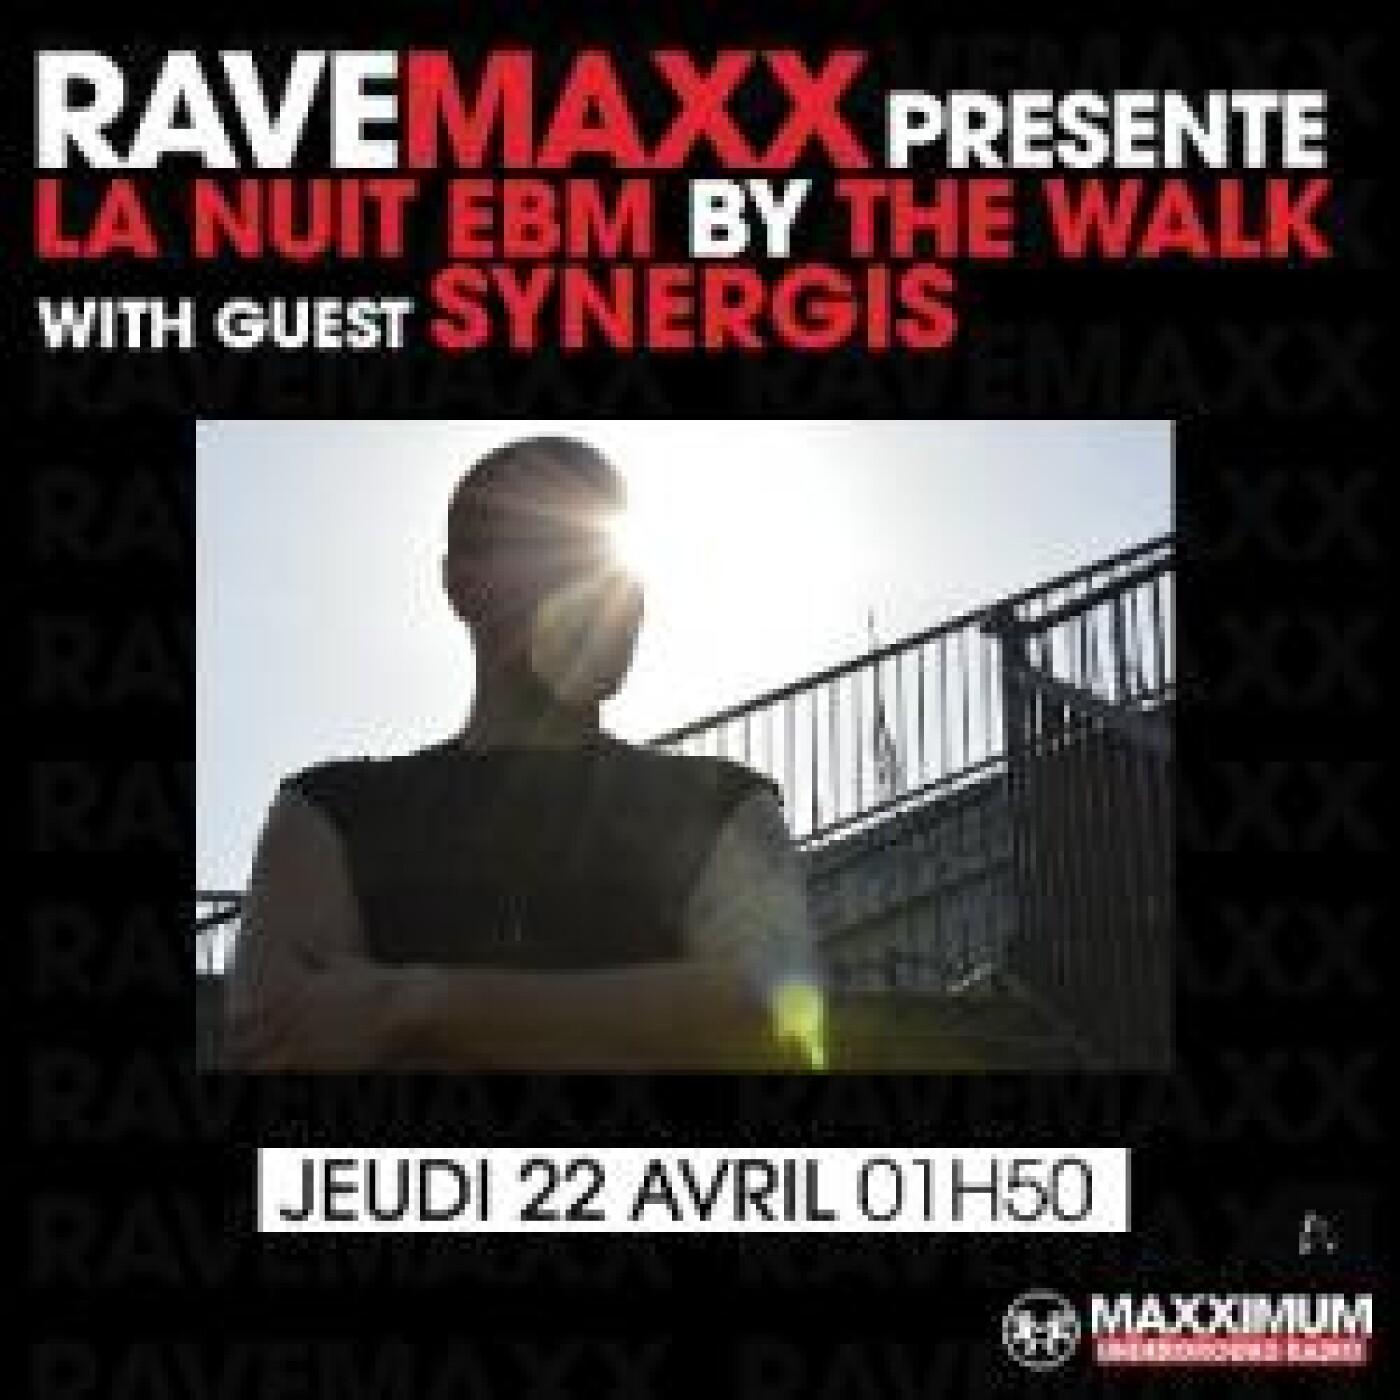 RAVEMAXX : SYNERGIS